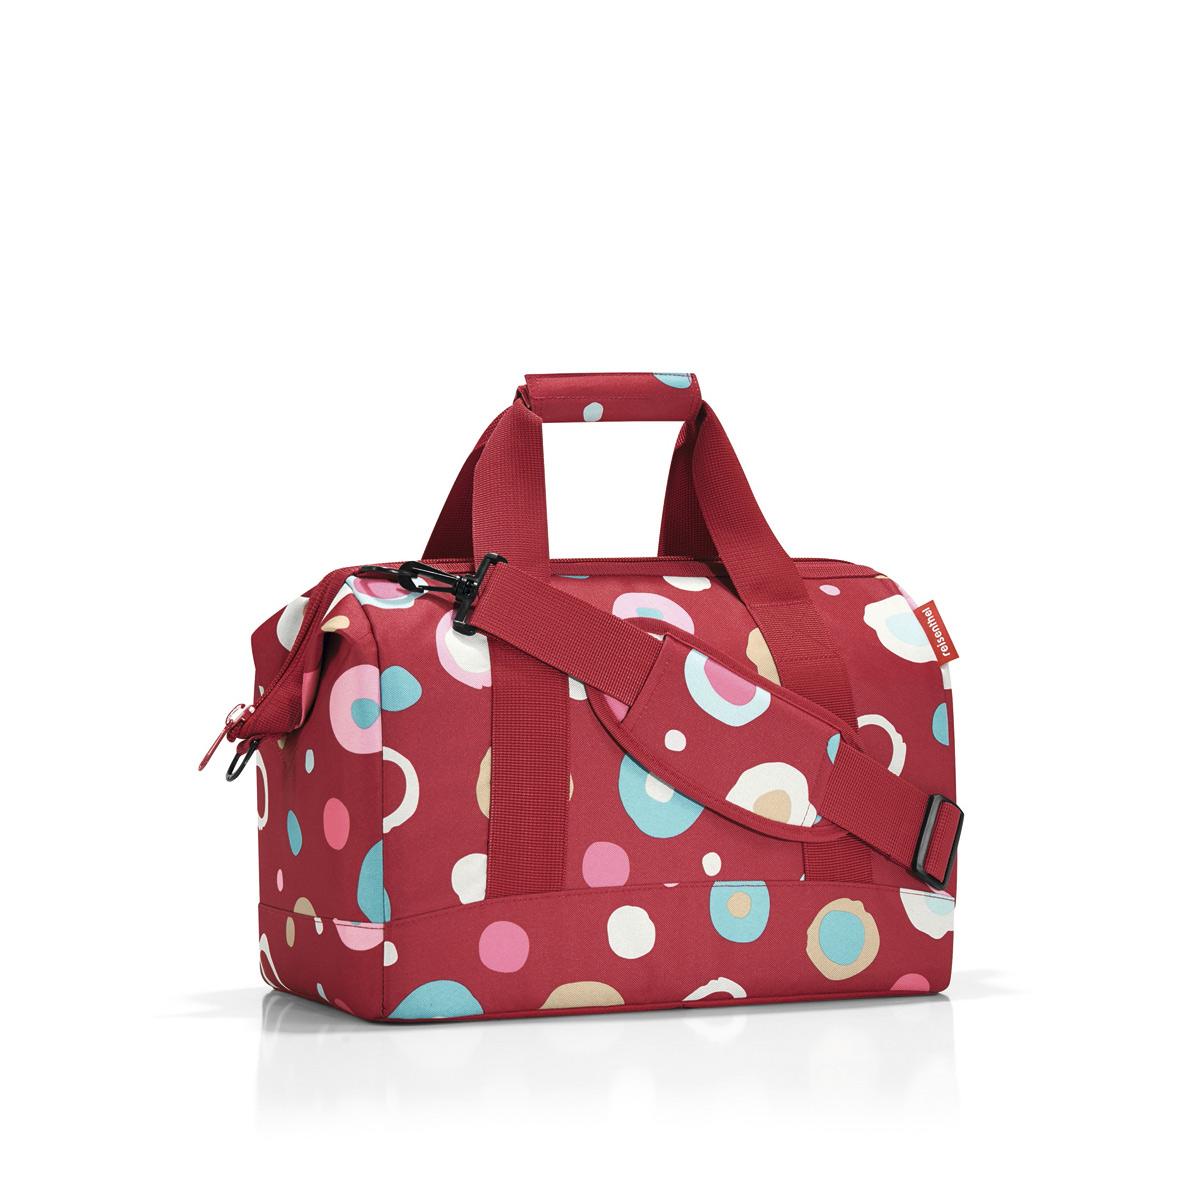 Сумка женская Reisenthel Allrounder M funky dots 2, цвет: красный. MS3048MS3048Сумка хоть куда - и в путешествие, и в спортзал. Вместит все, от носков до пиджака. Приятные объемные стенки и дно создают силуэт, напоминающий старинные врачебные сумки. Застегивается на молнию, плюс внутрь встроены металлические скобы, фиксирующие ее в открытом состоянии. Внутри 6 кармашков для организации вещей. Две удобные ручки и ремень регулируемой длины позволяют носить сумку так, как вам удобно. Объем - 18 литров.